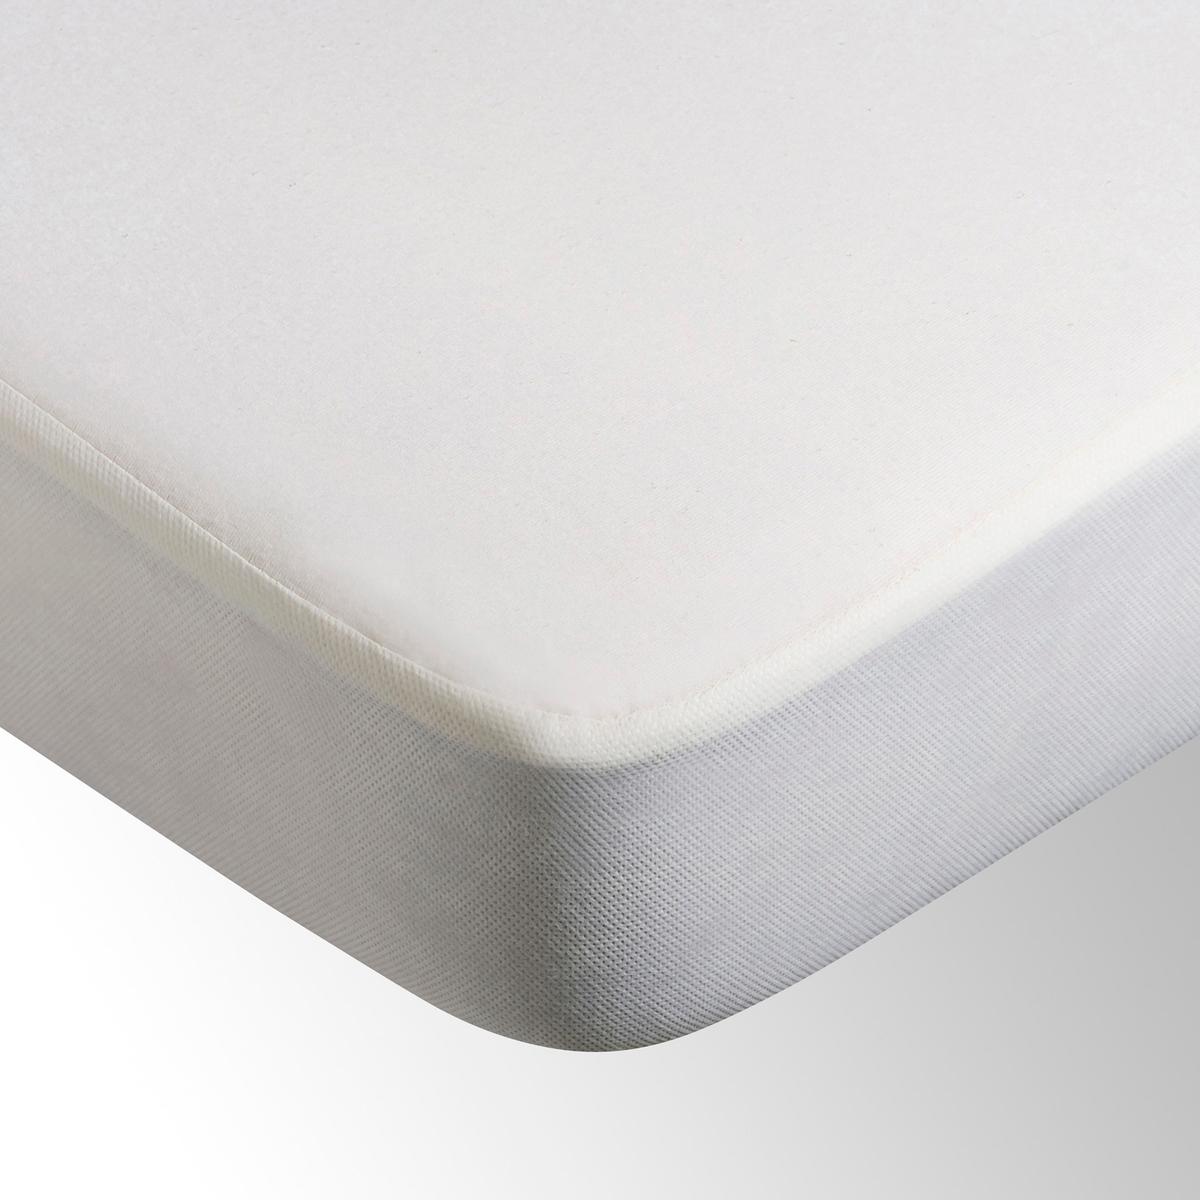 Чехол защитный для матраса непромокаемый, 100% биохлопокЗащитный чехол из джерси, 100% органически выращенный натуральный хлопок 135 г/м?, непромокаемый 100% полиуретан. Микро-дышащий защитный чехол эффективно снижает интенсивность потоотделения.Клапан 100% полипропилен, 4 уголка (27 см).Стирка при температуре до 60°.<br><br>Цвет: экрю<br>Размер: 160 x 200 см